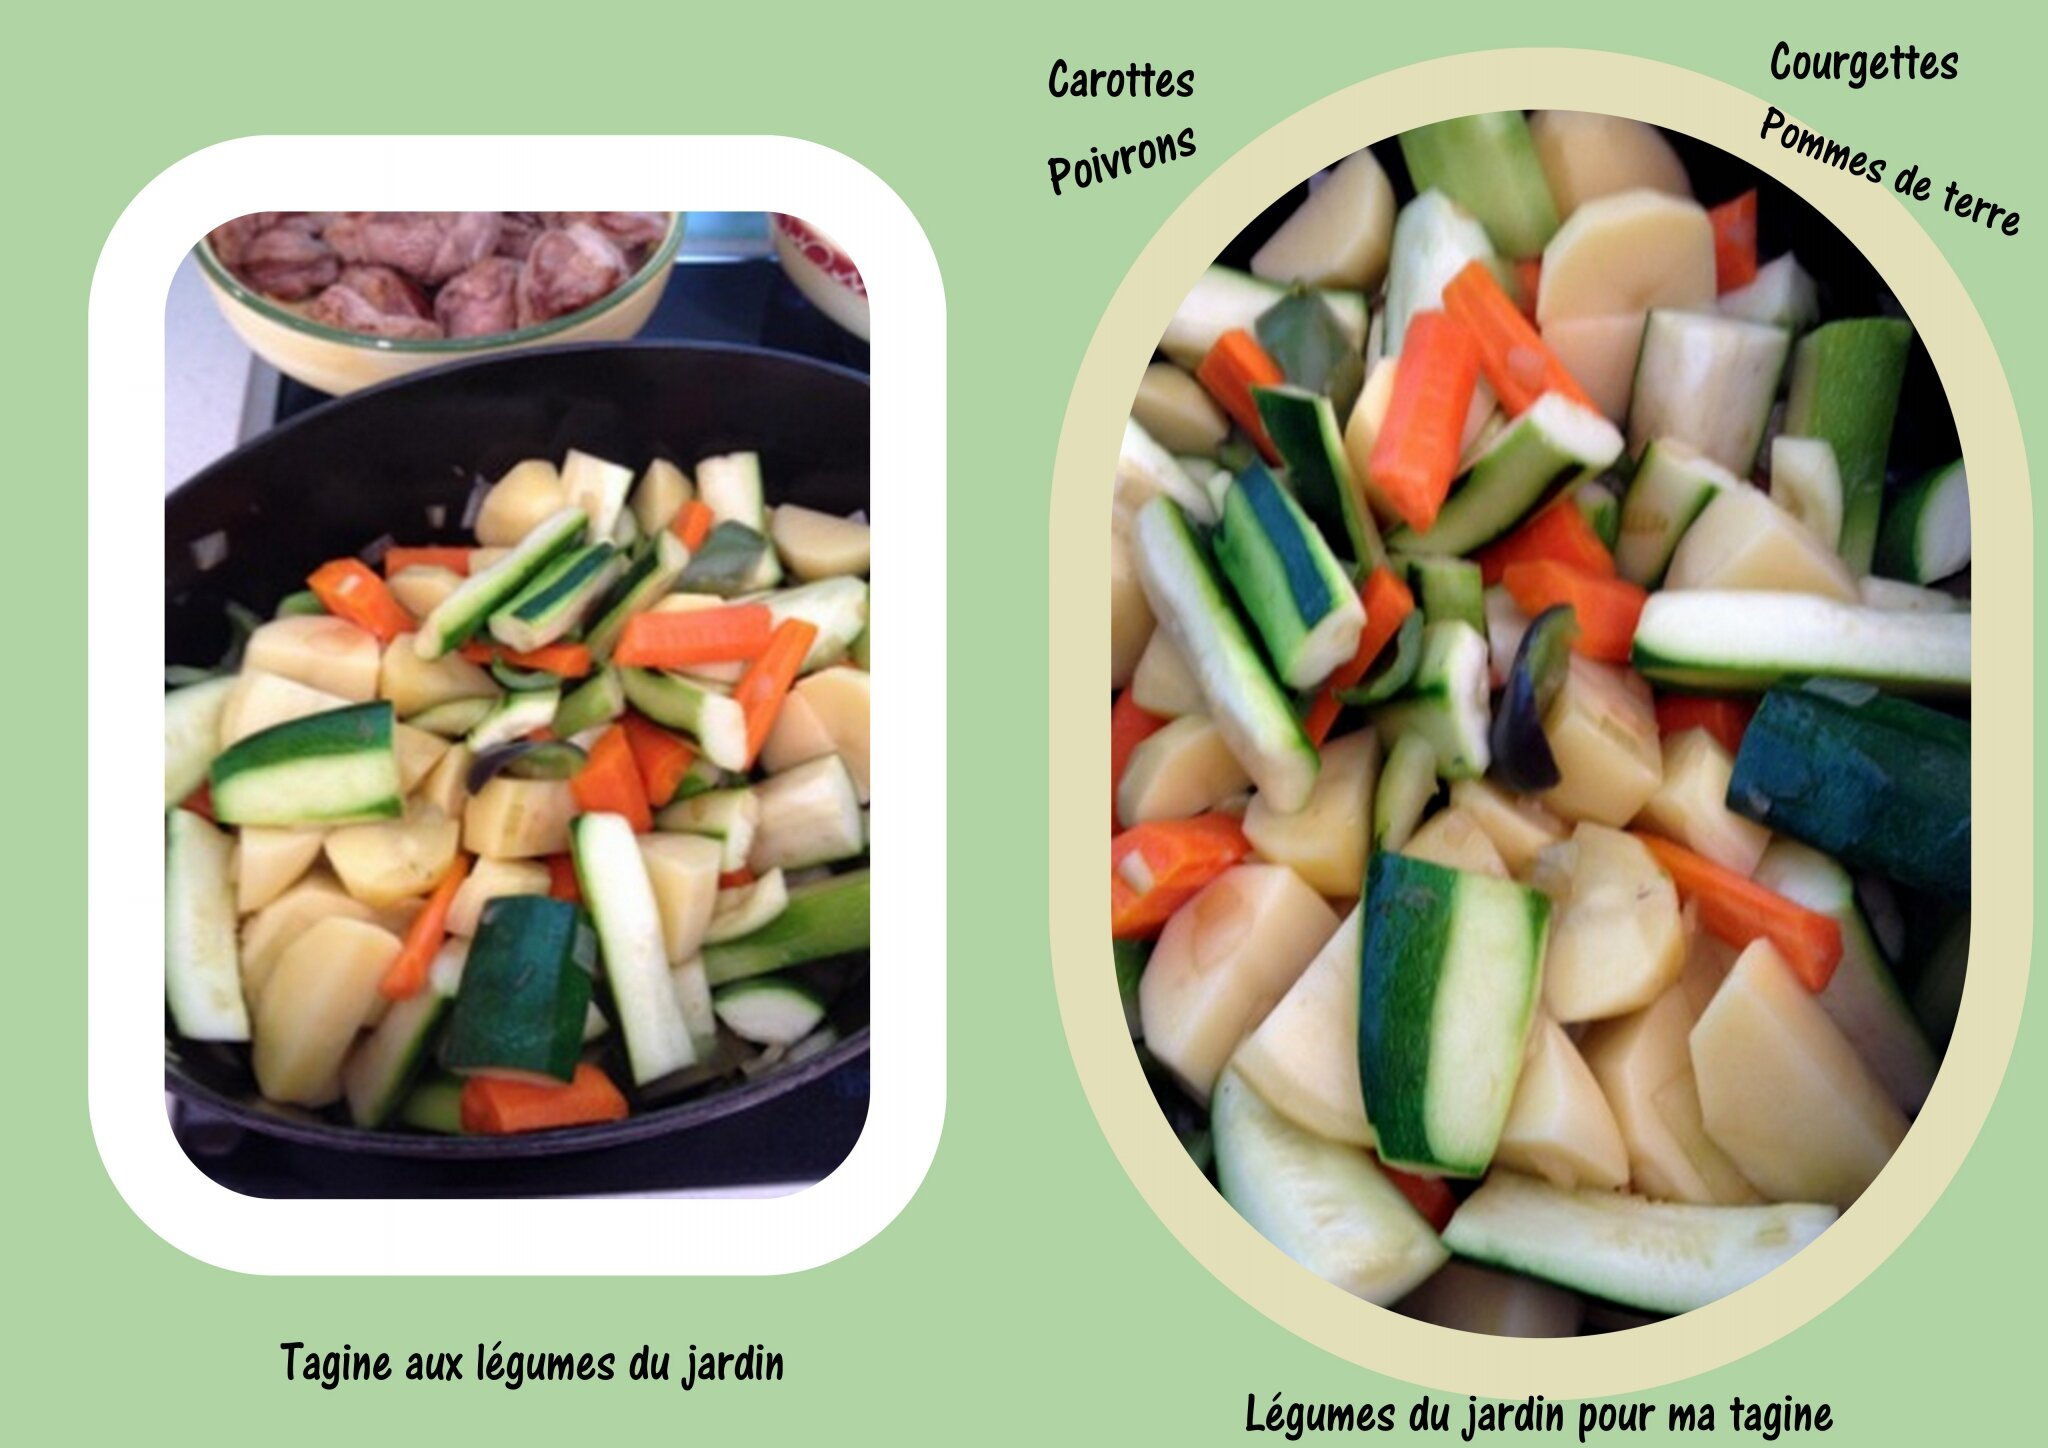 Tagine aux légumes de mon jardin